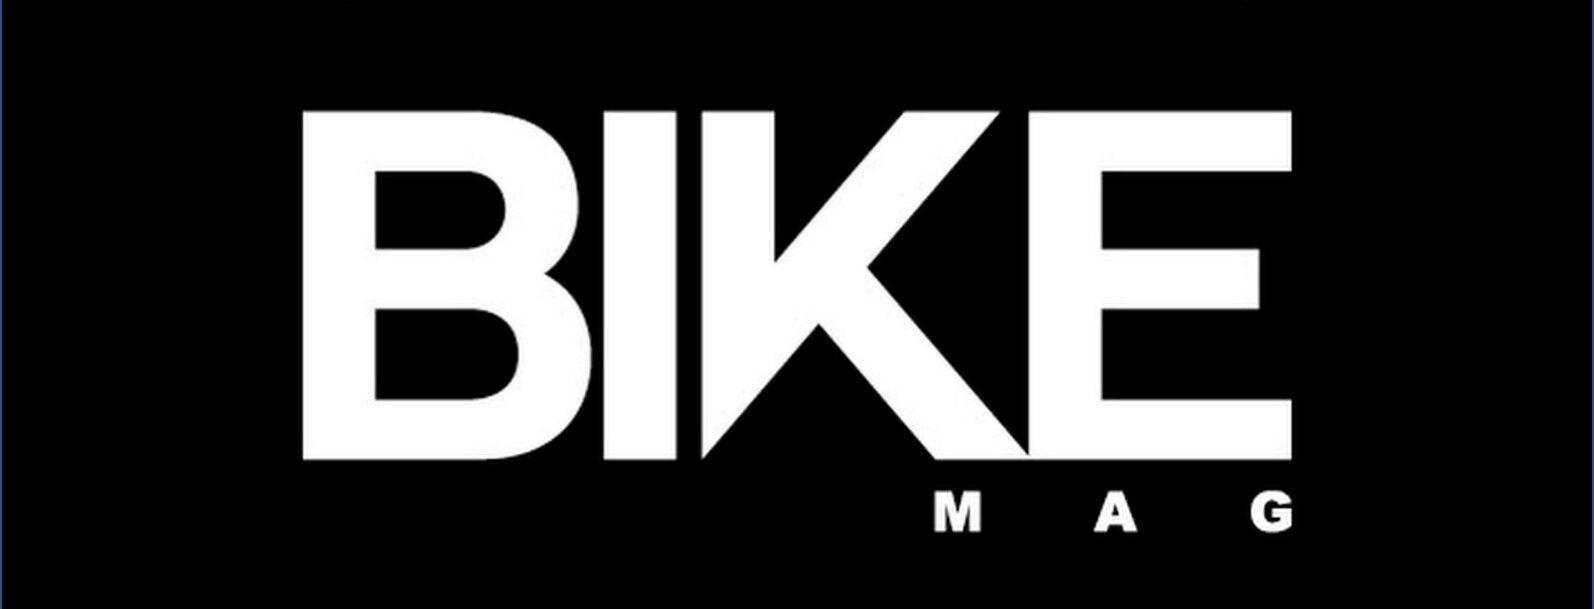 bikemag_logo-e1558015268428.jpg